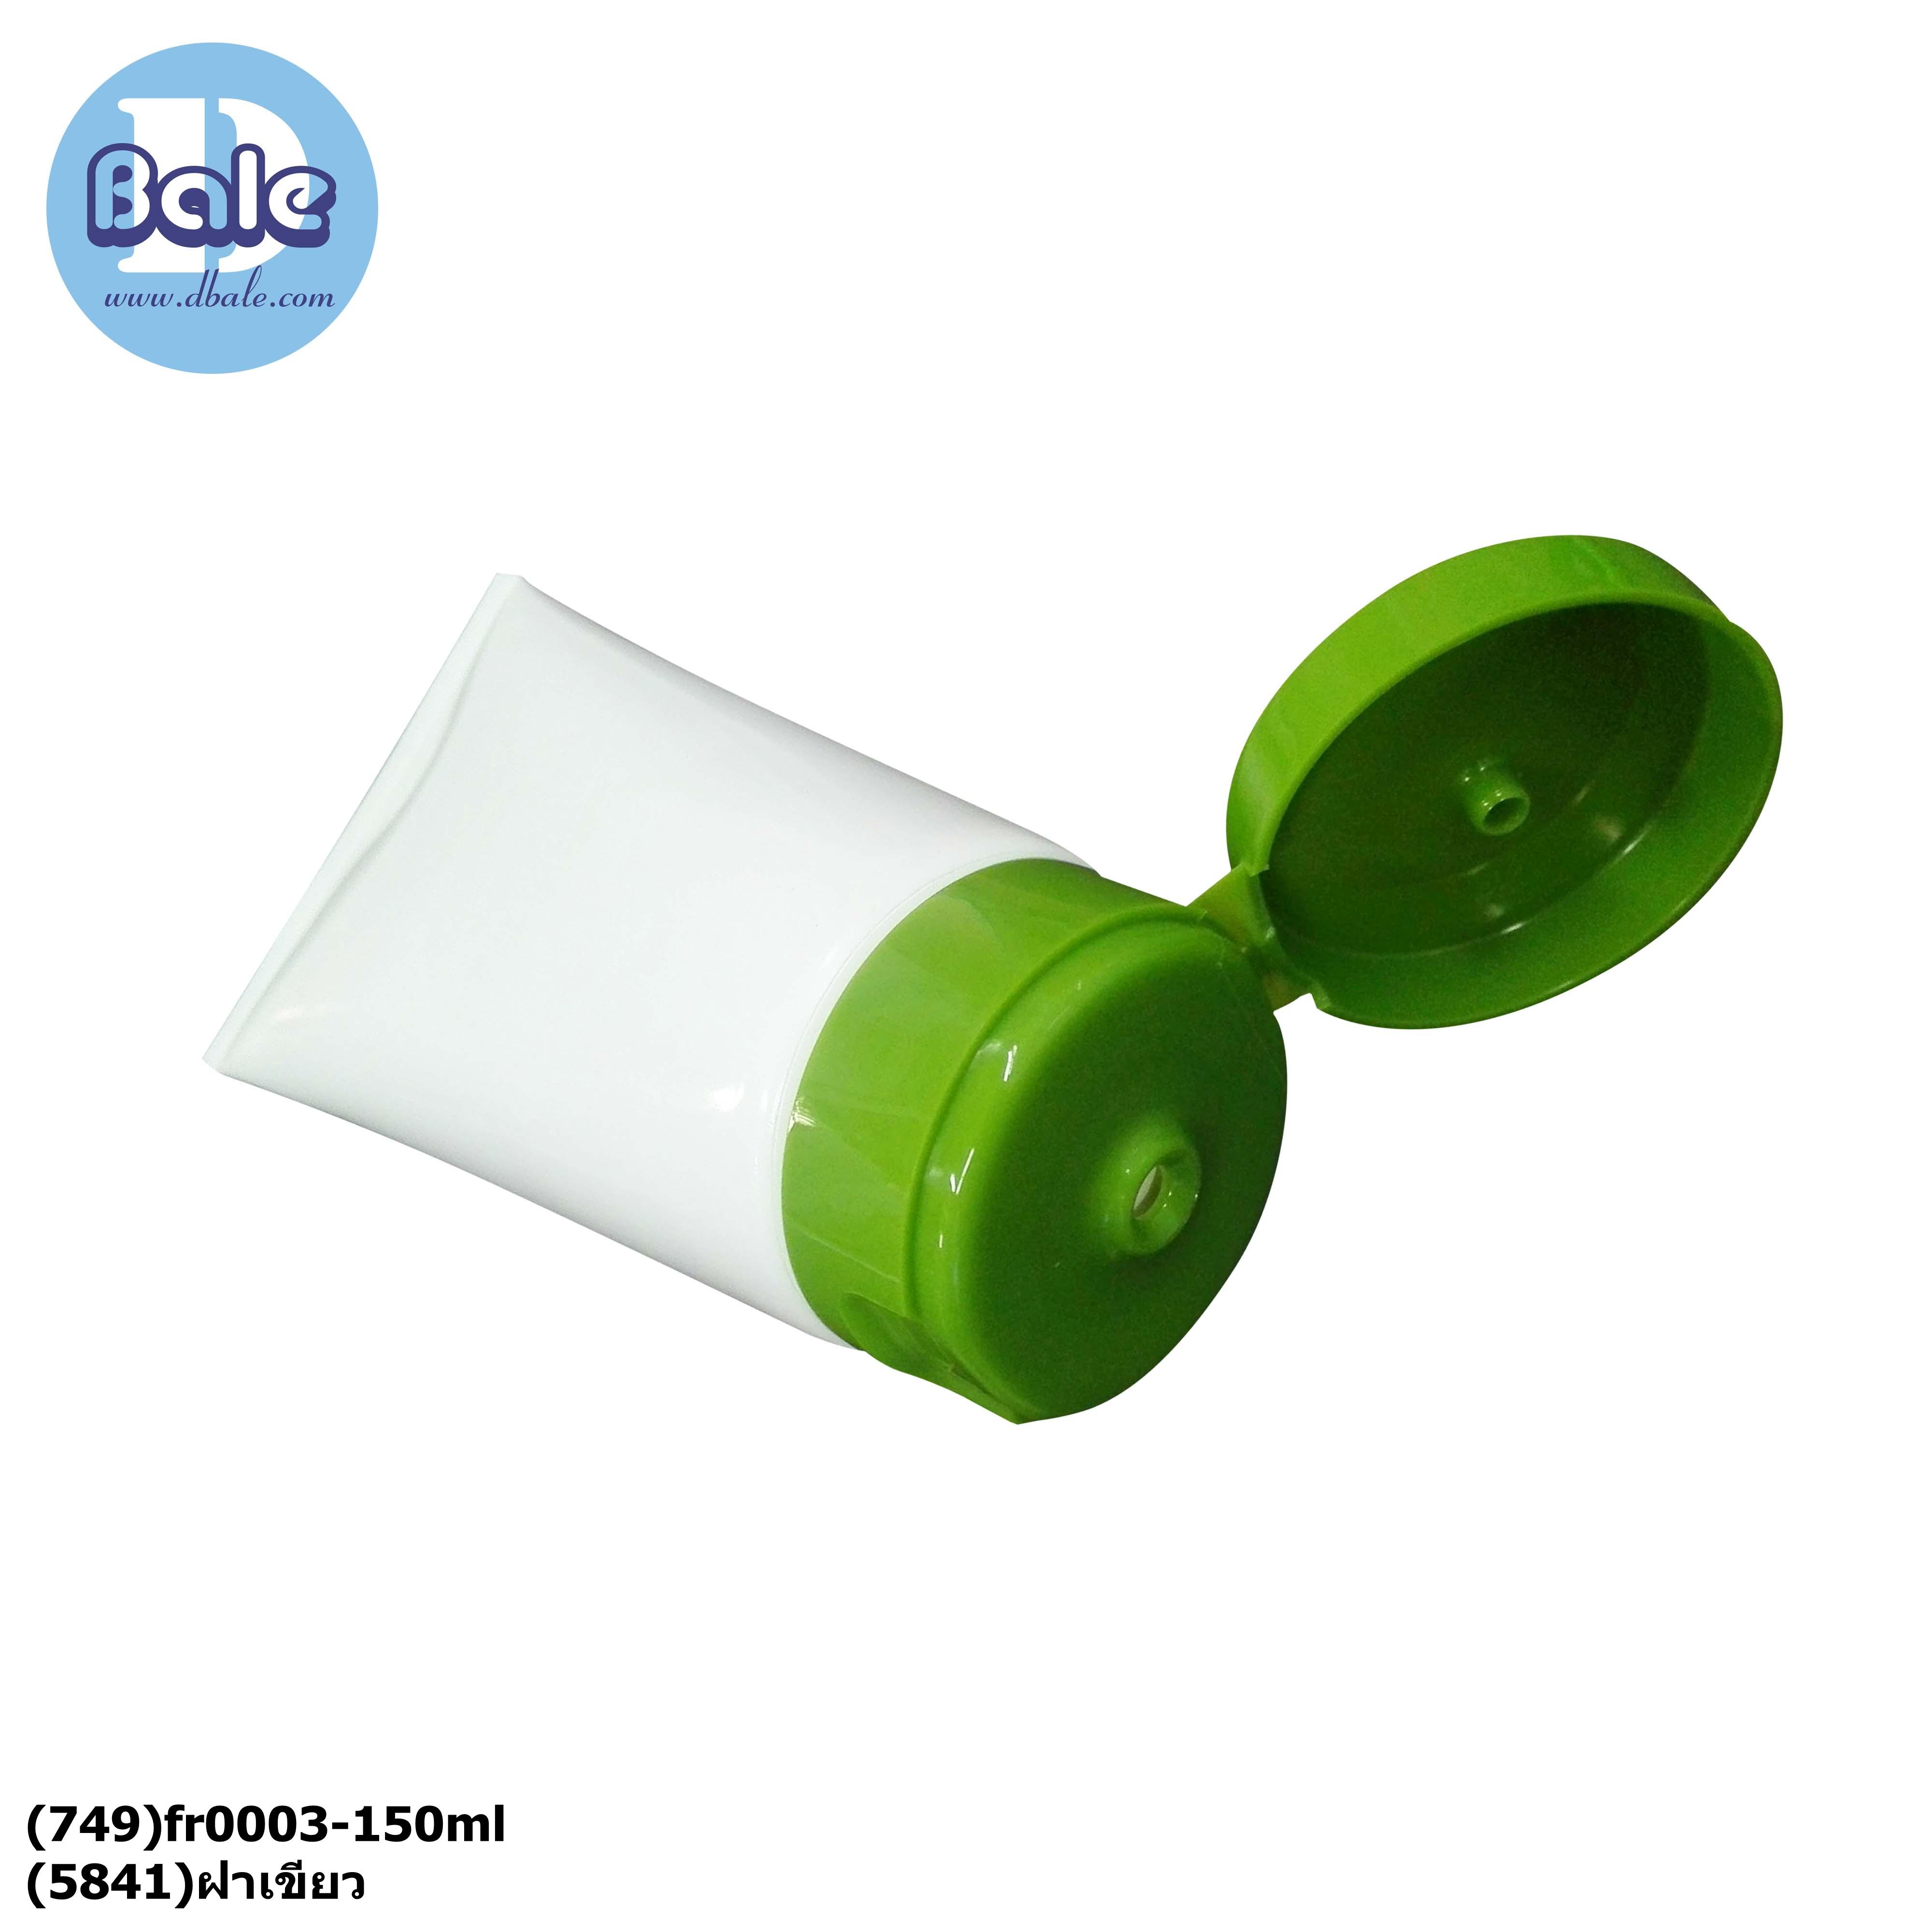 fr0003-150ml flip green หลอดครีม สีขาวฝาเขียว